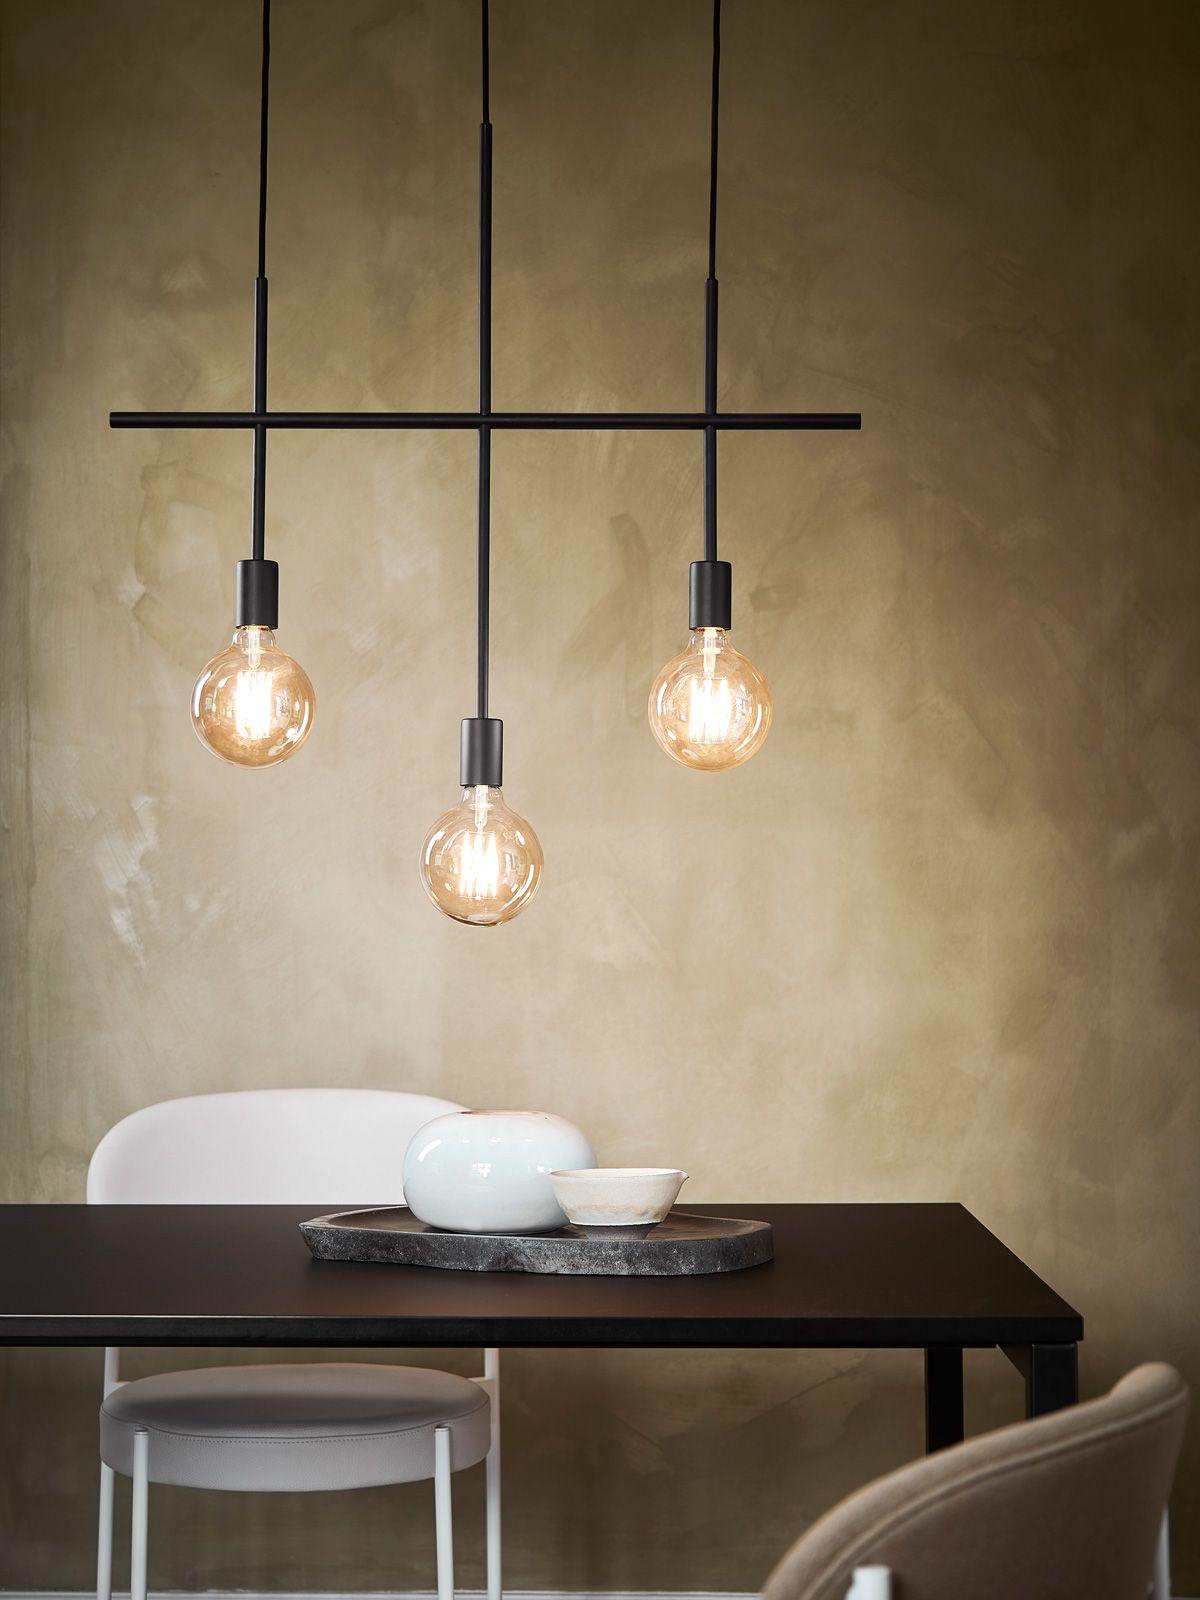 Neue Leuchten Fur Den Esstisch Designort Com In 2020 Lampe Esstisch Hangelampe Esstisch Esstisch Beleuchtung